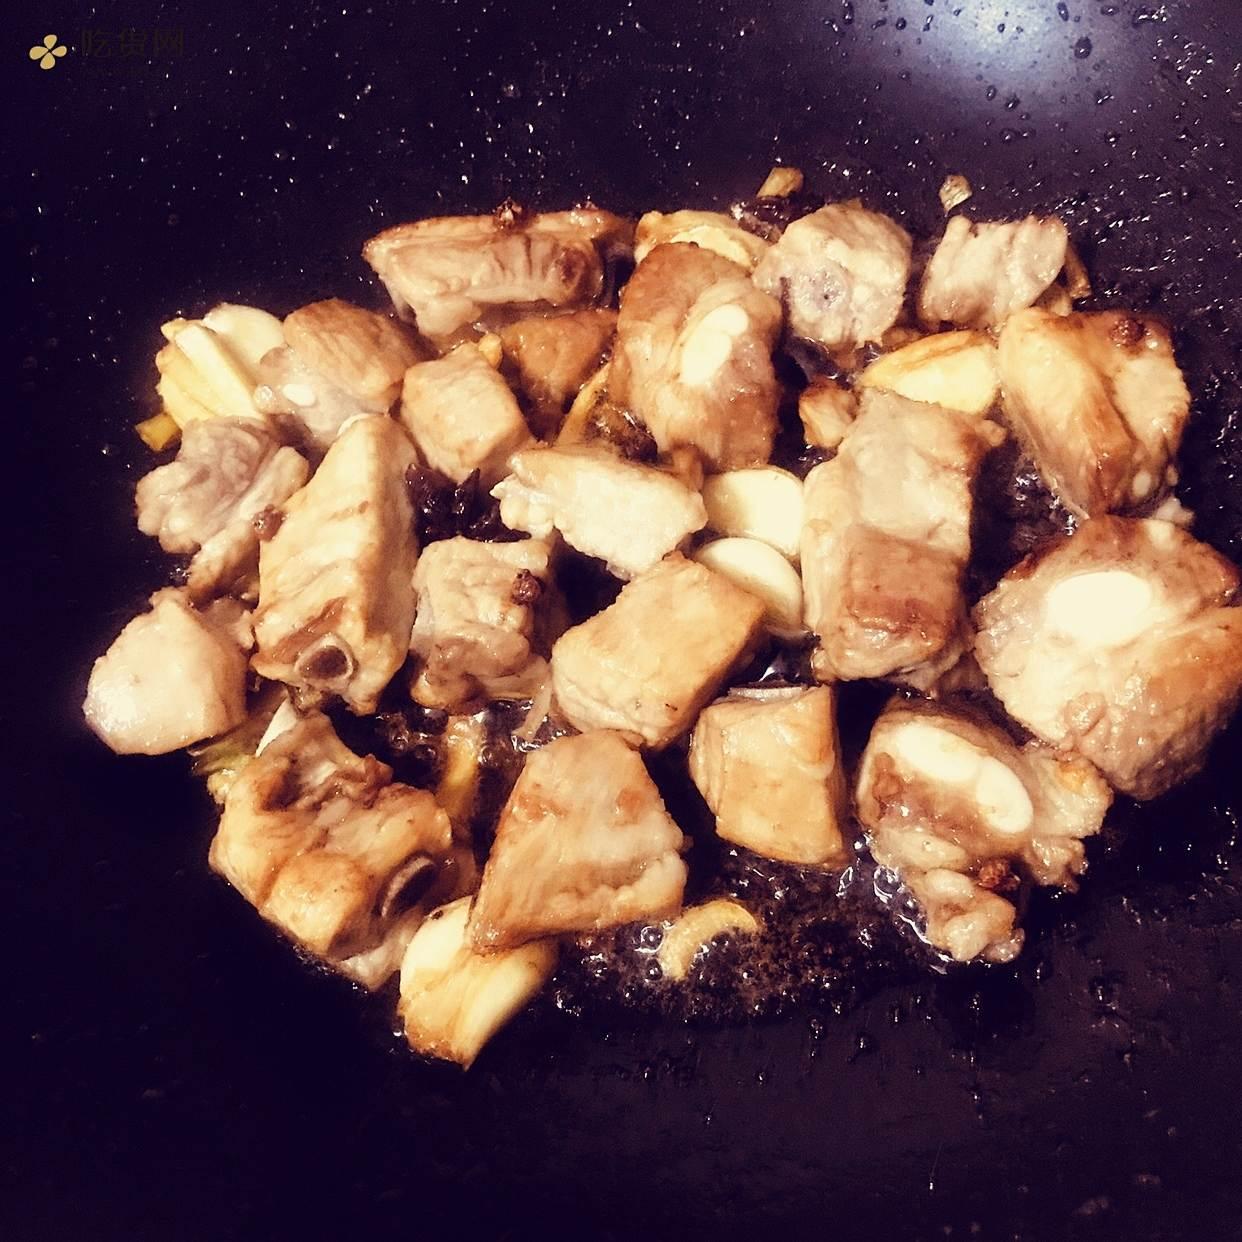 红烧排骨 土豆胡萝卜的做法 步骤4